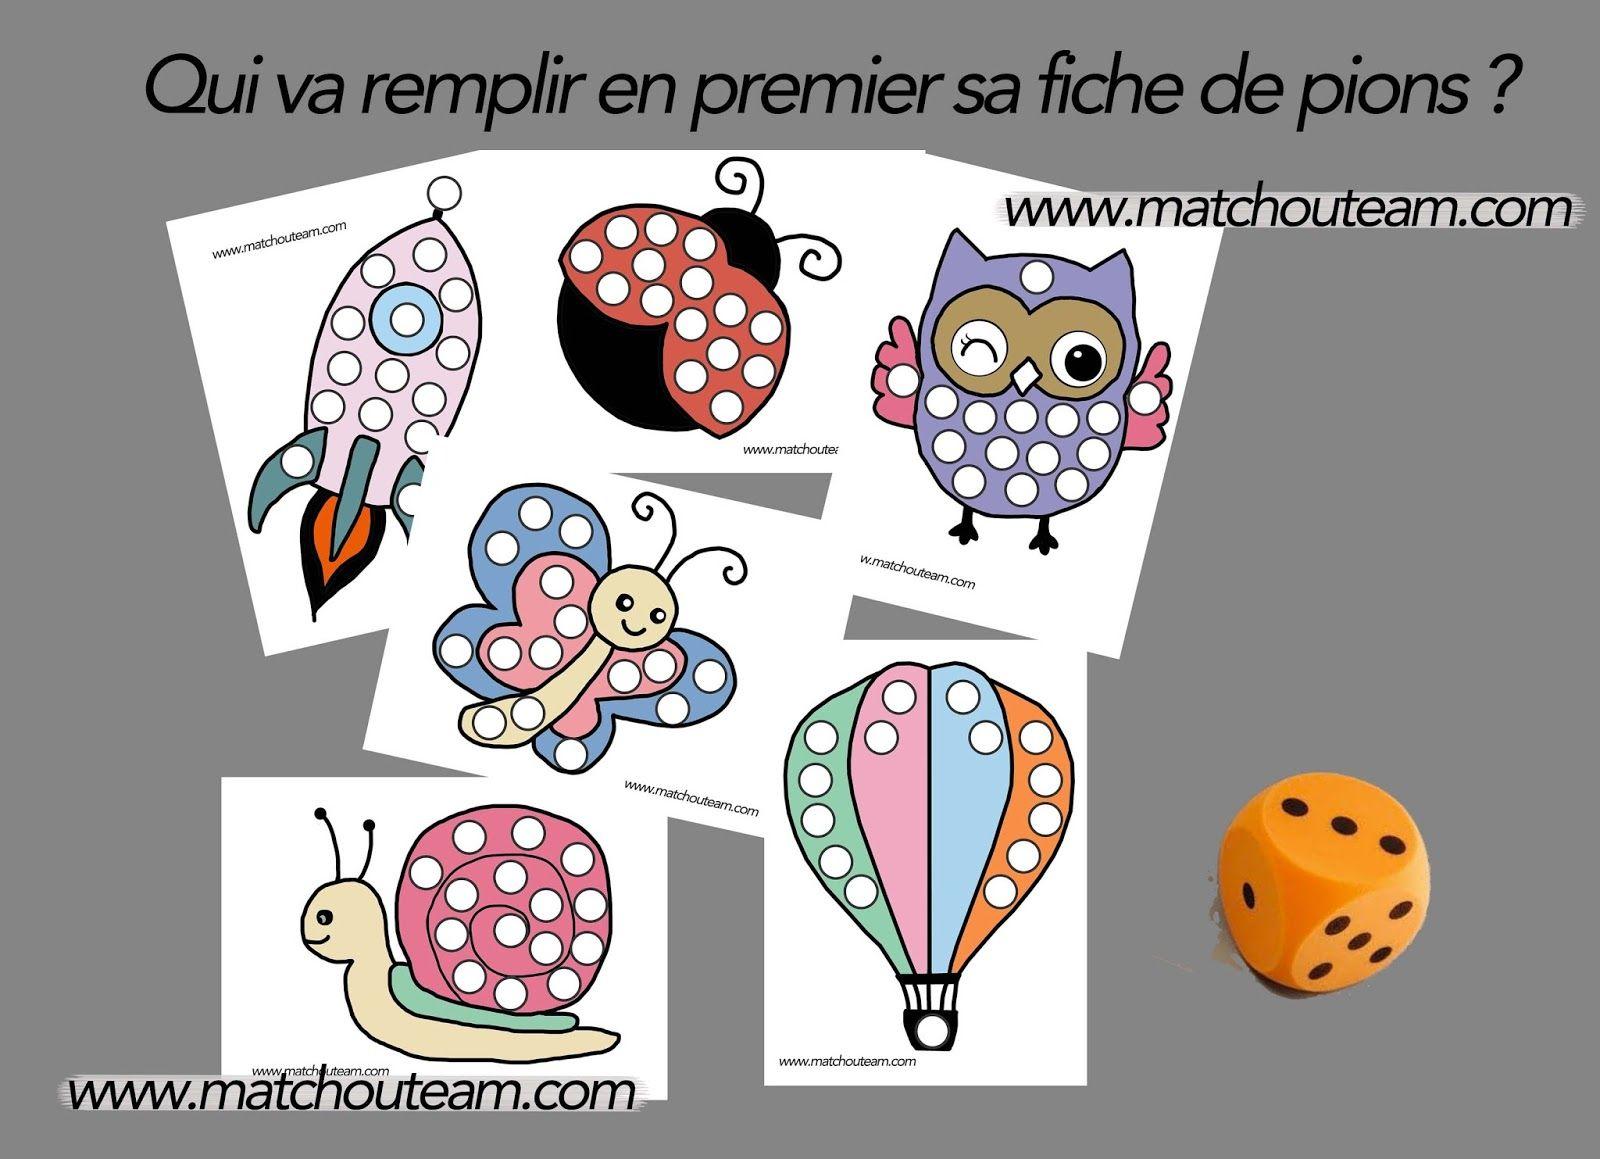 Jeu Sur Le Dénombrement (Ma Tchou Team)   Jeux Maternelle concernant Jeux De Maternelle À Imprimer